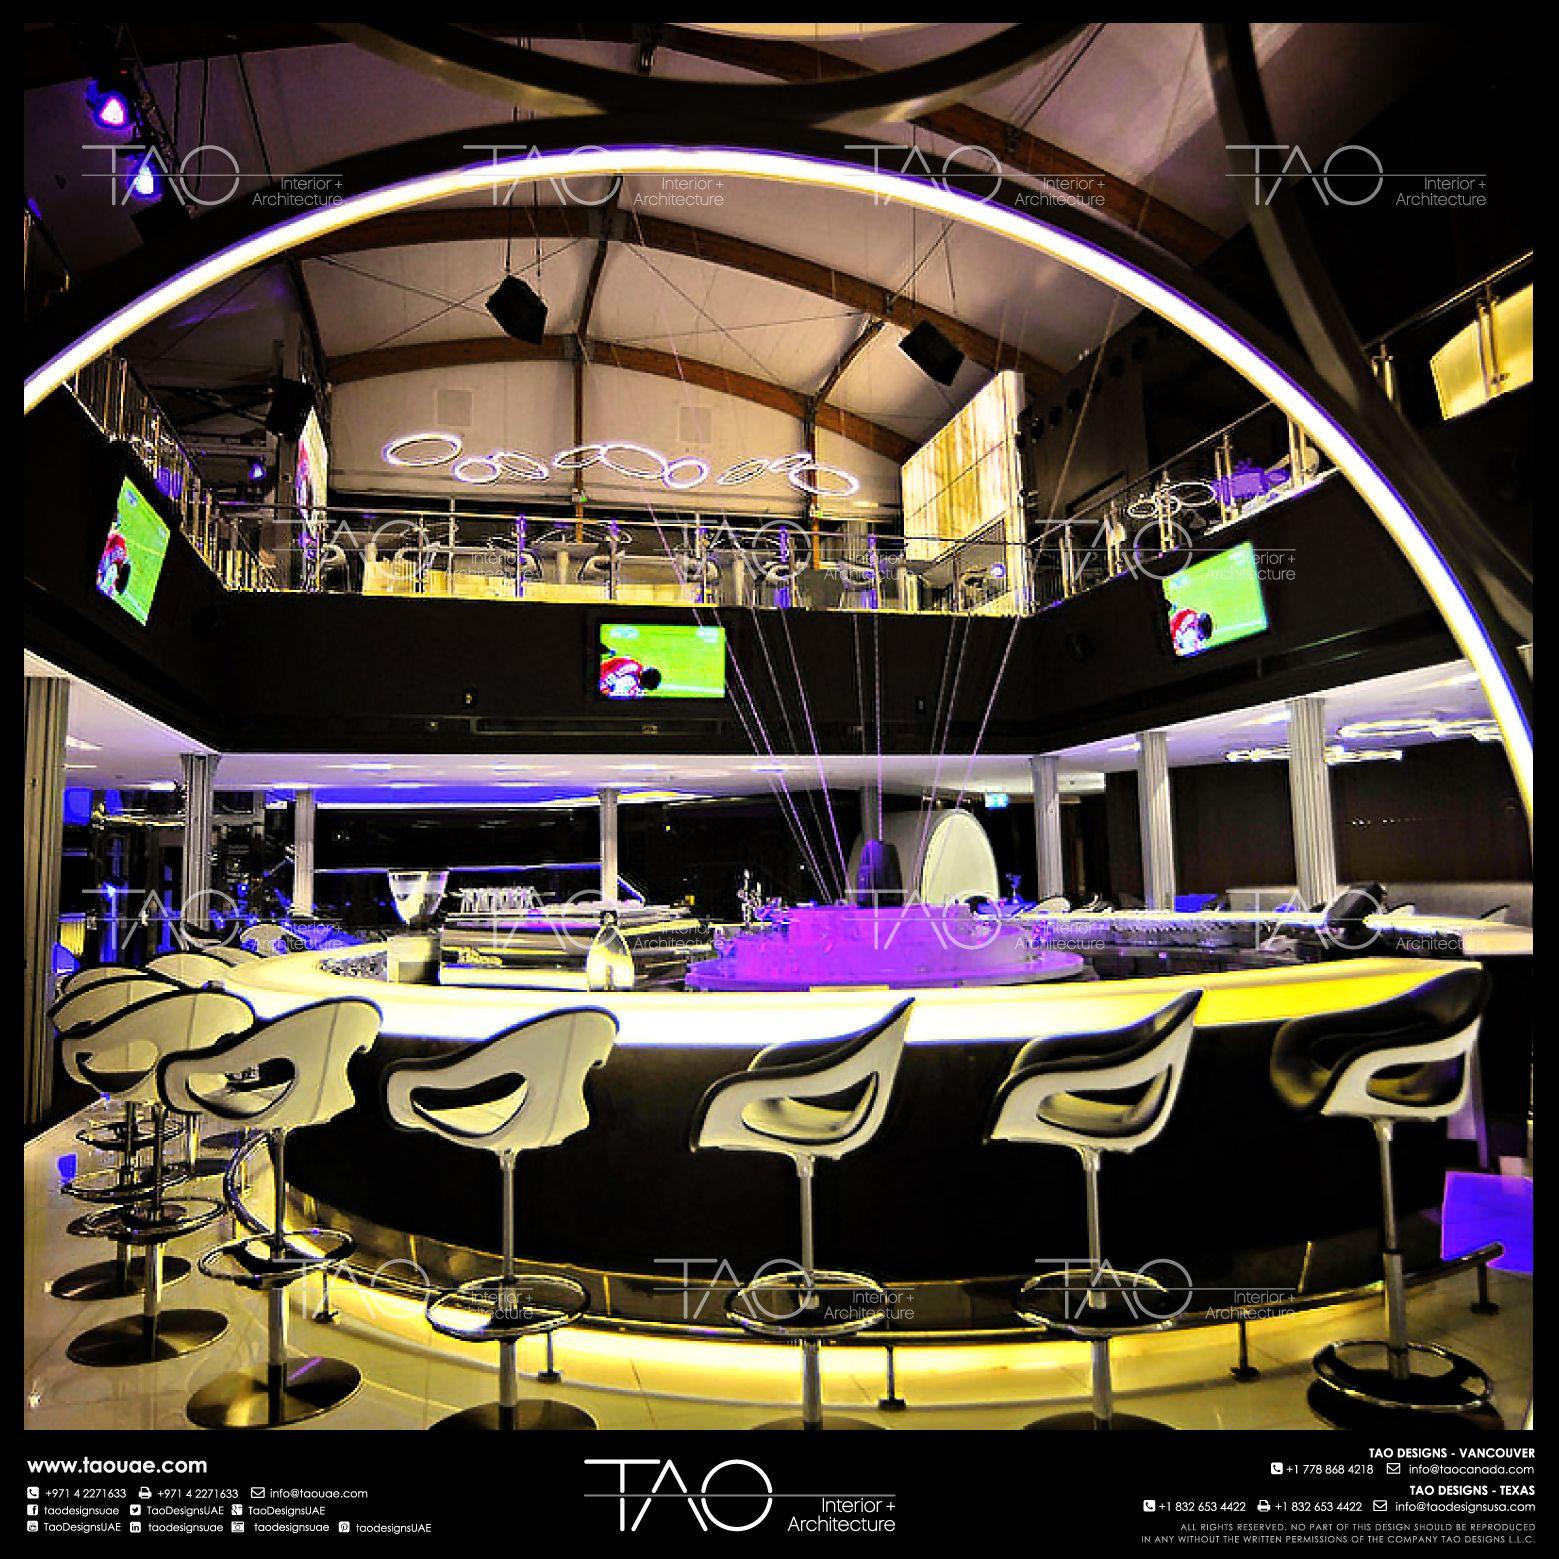 Elegantinterior Design: Zero Gravity Restaurant Interior In JBR - Dubai